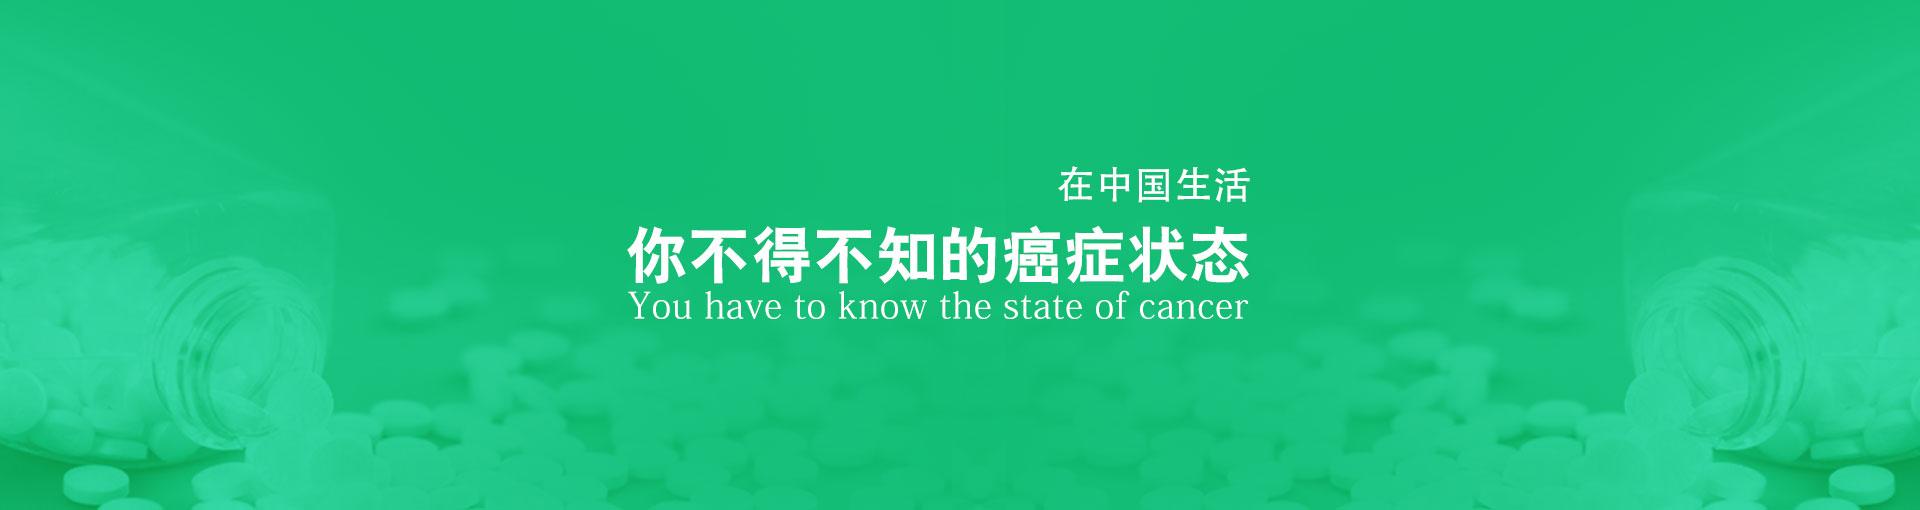 世界抗癌日